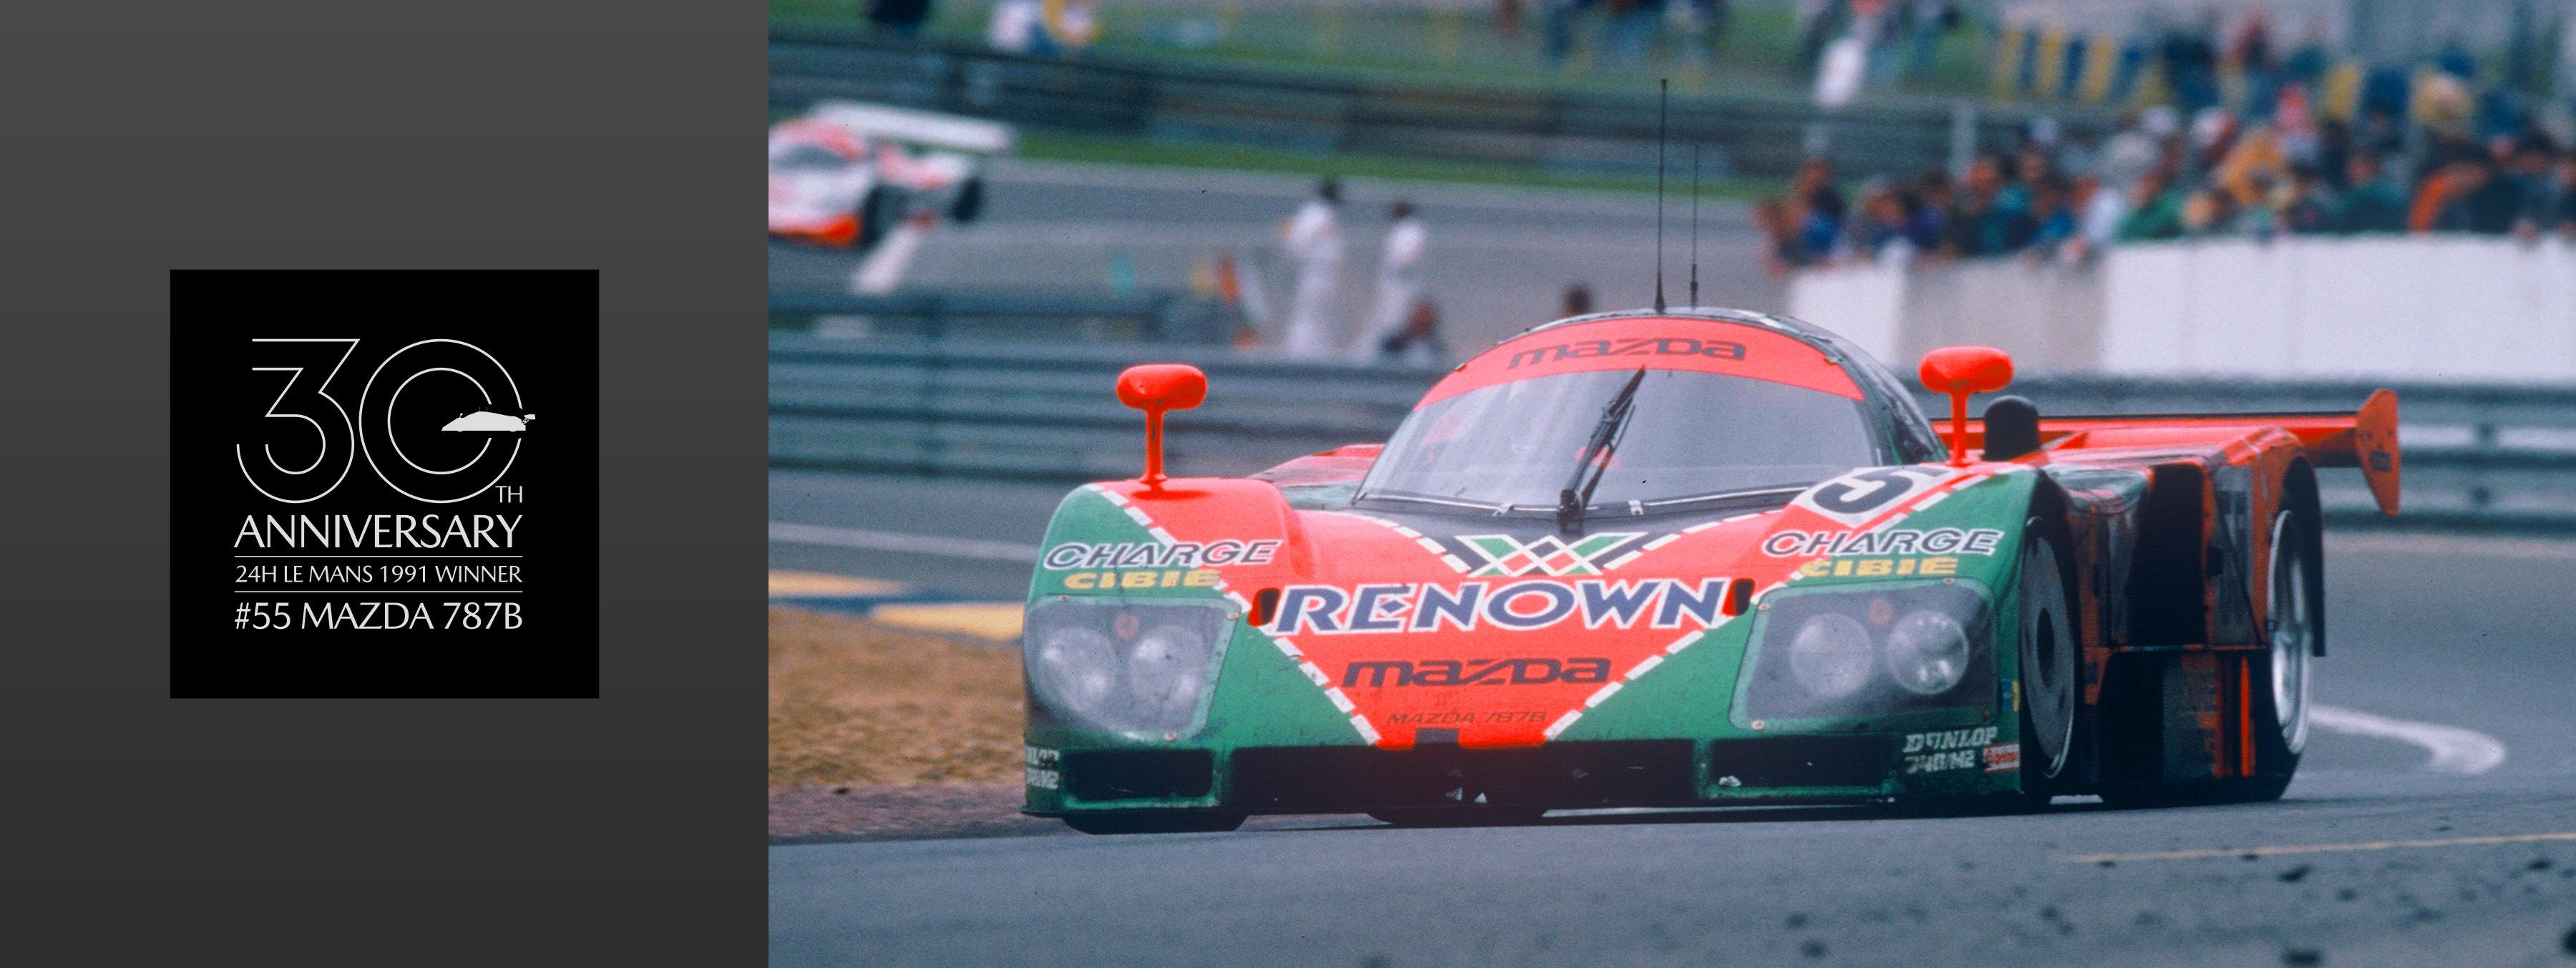 30th anniversary of Le Mans victory commemorative site MAZDA 787B